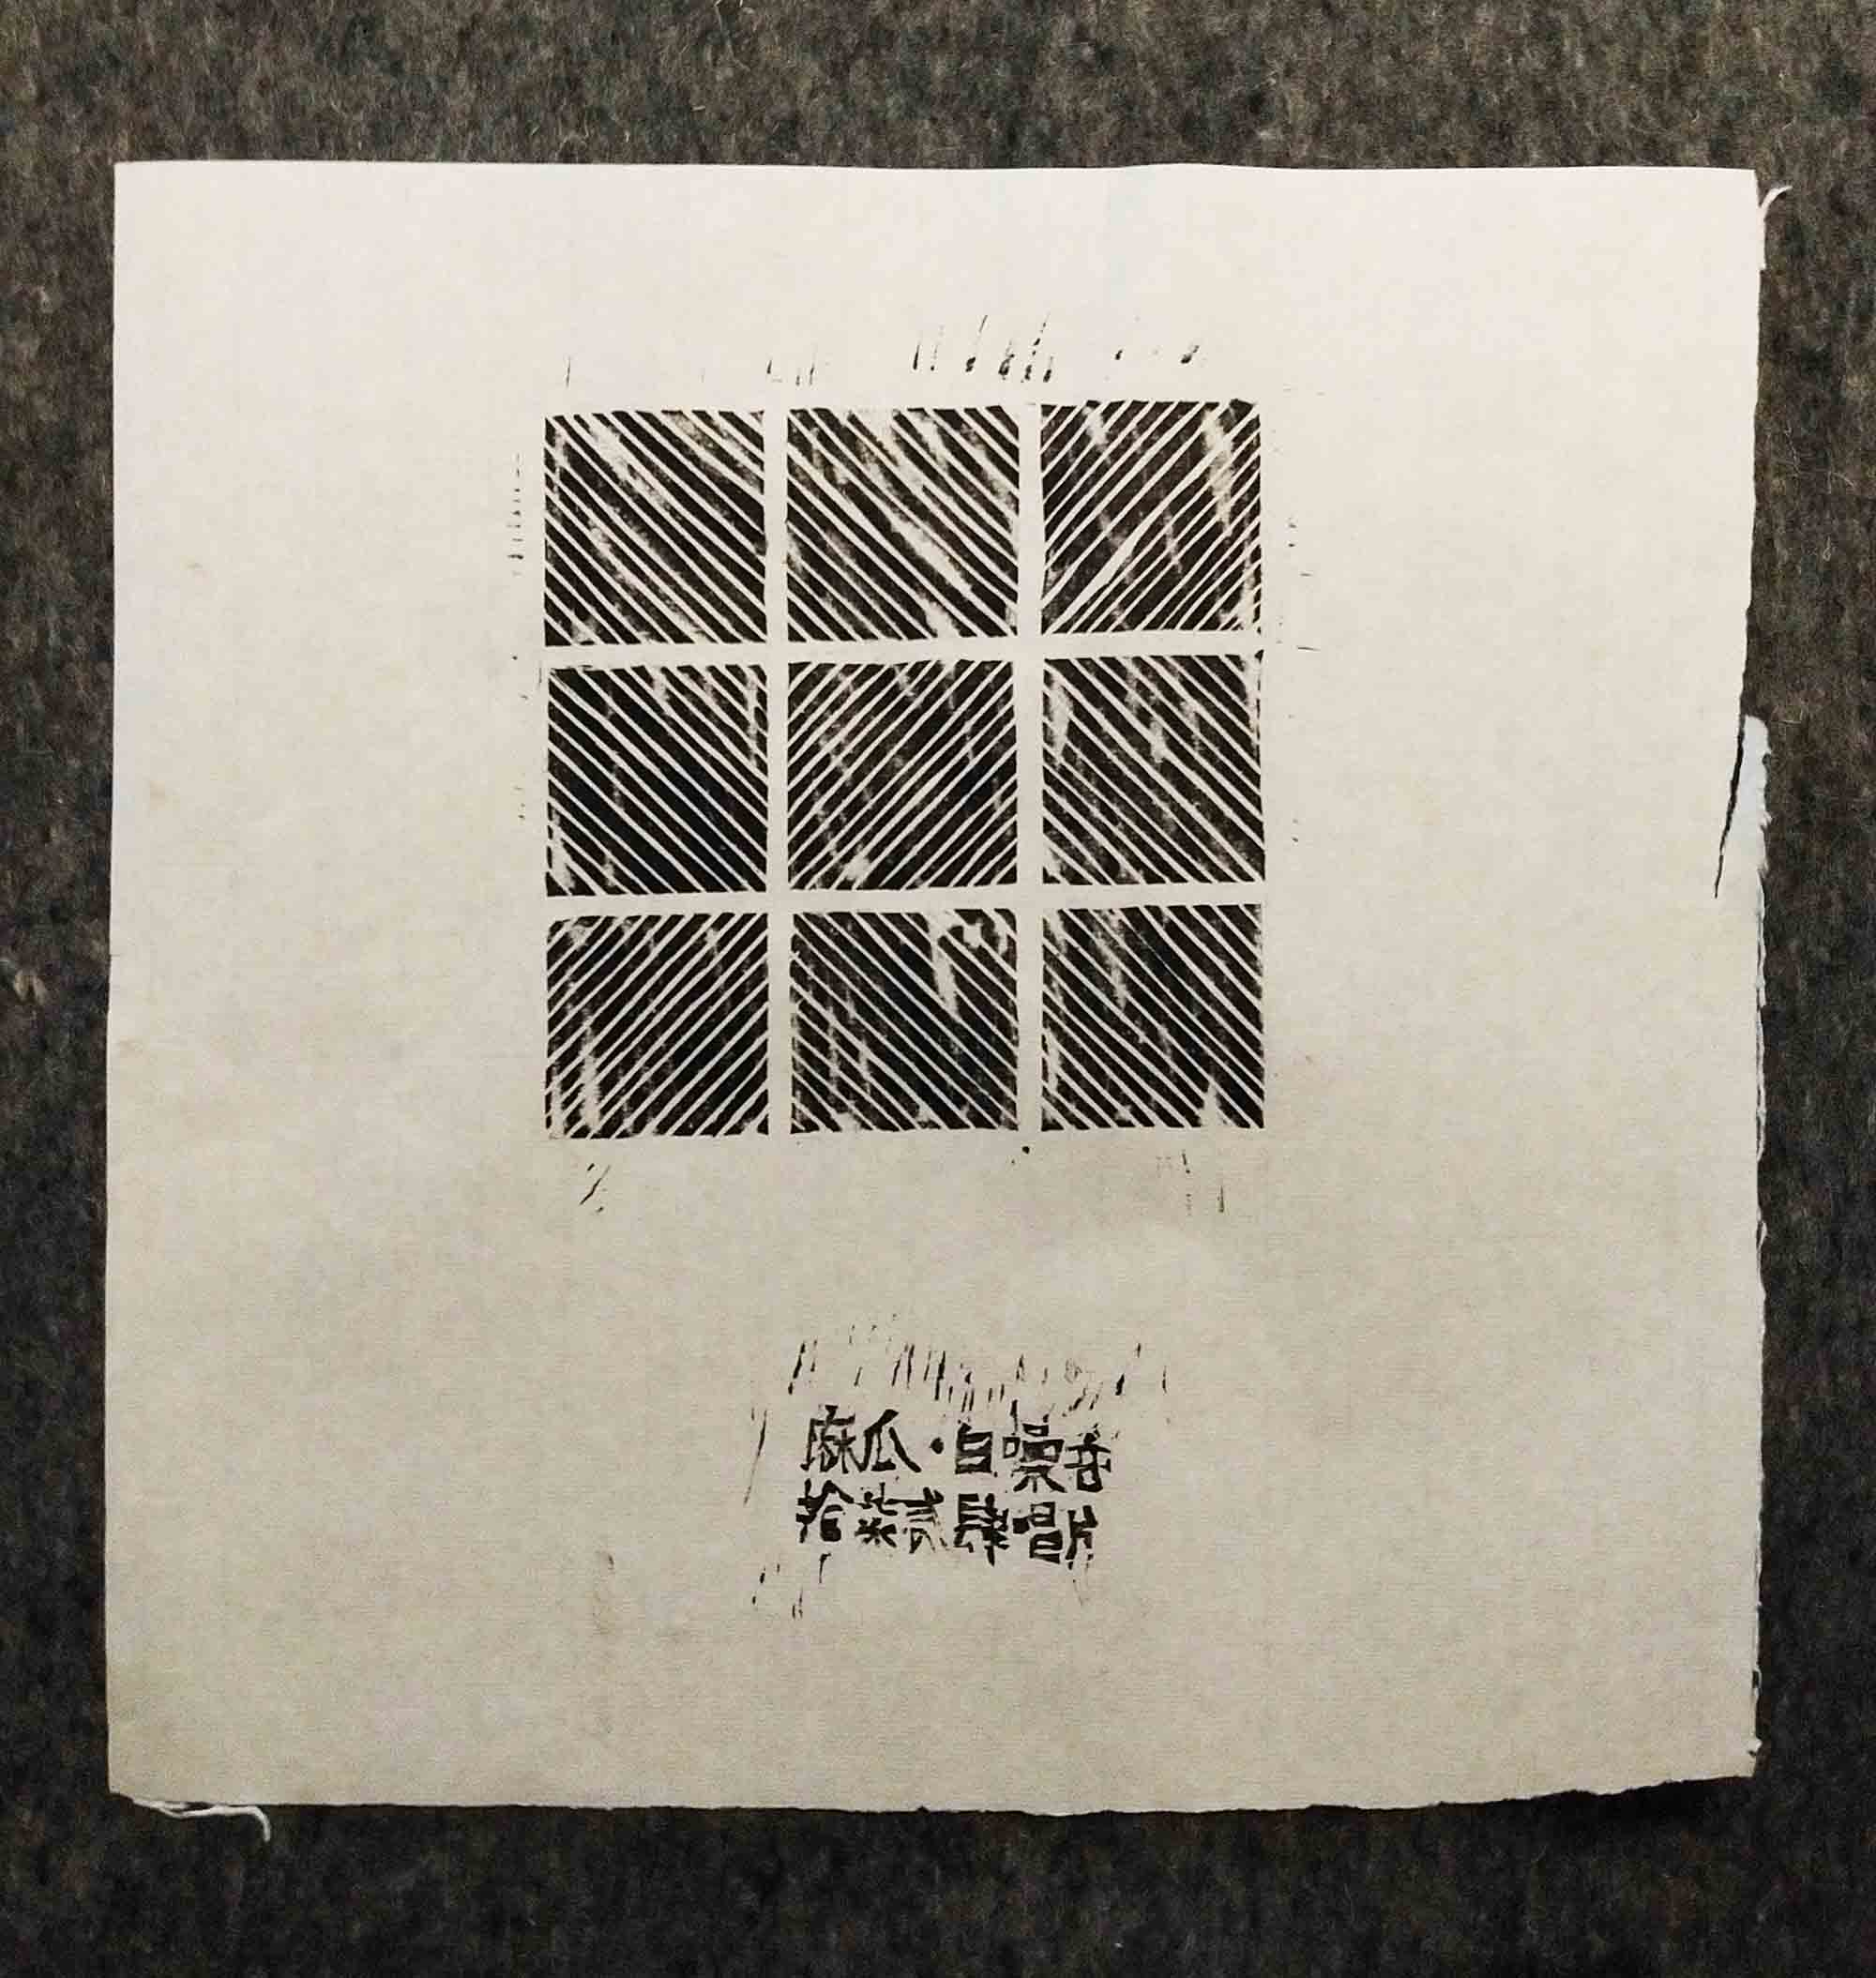 图案一,麻瓜黑胶唱片《白噪音》预售附赠熟宣版画